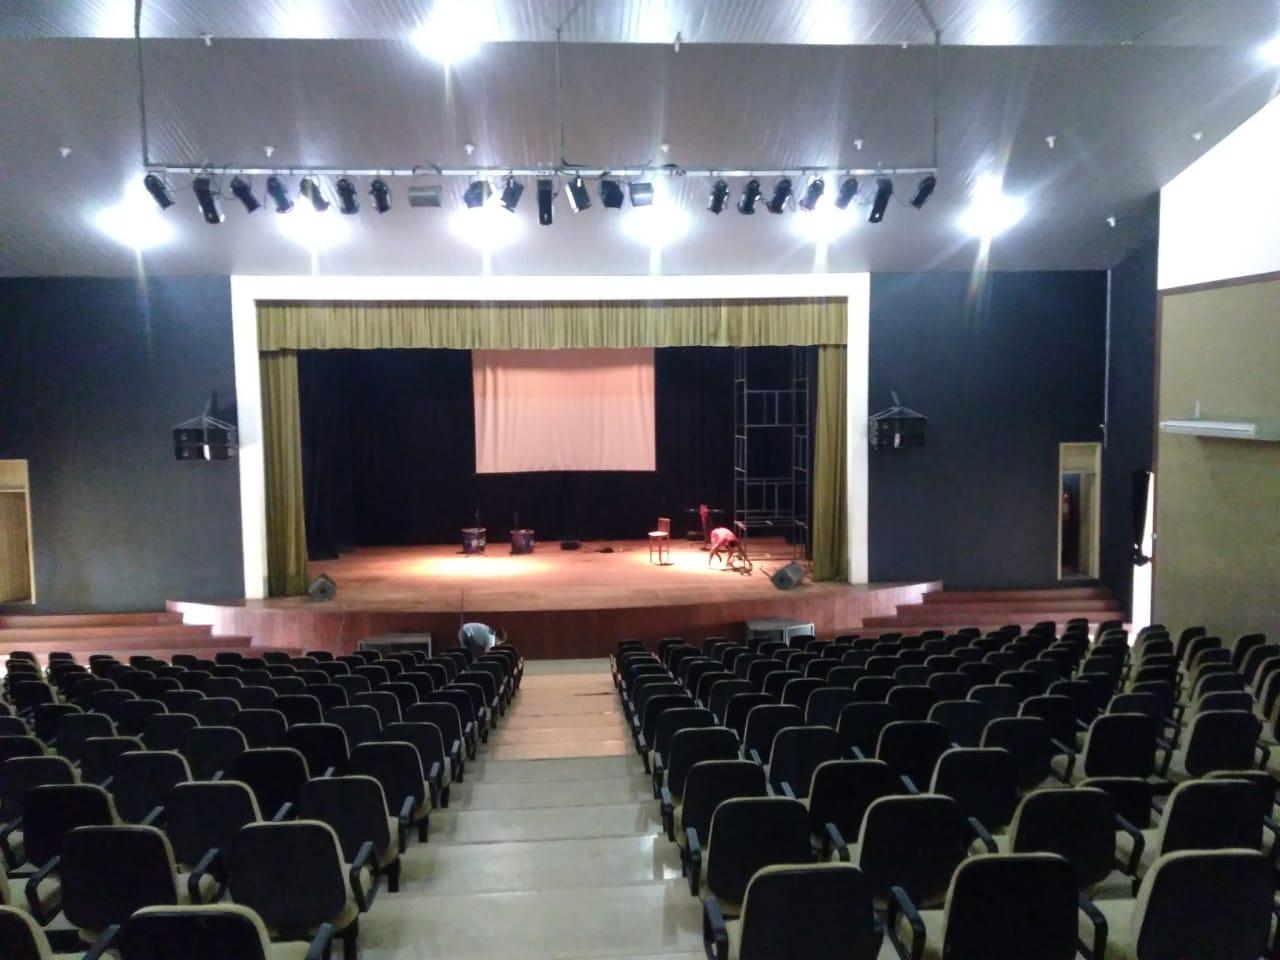 Teatro dos Náuas recebe serviços de manutenções e reparos